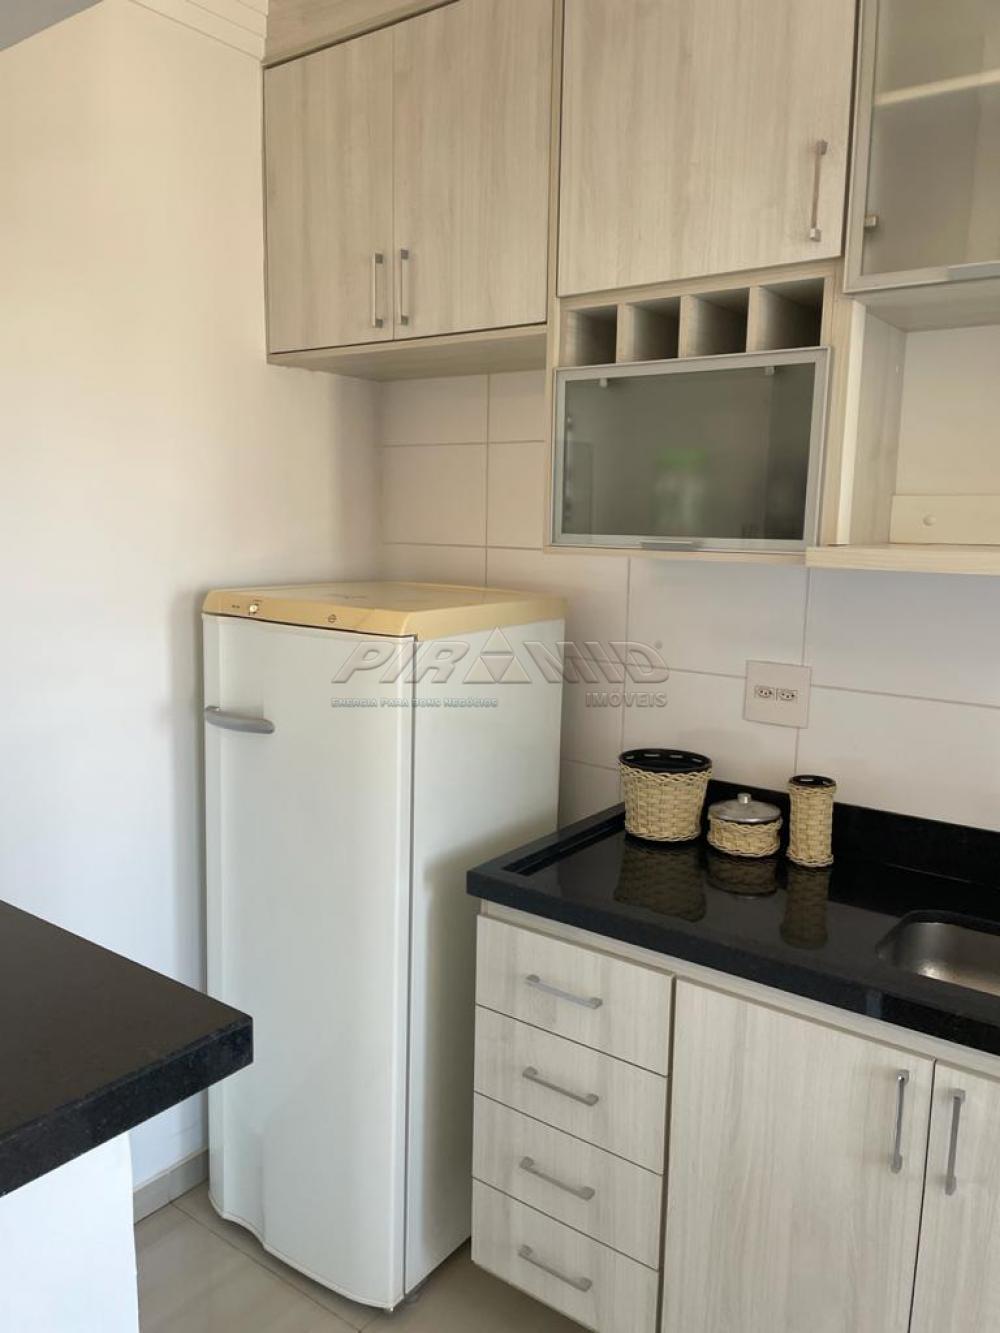 Alugar Apartamento / Padrão em Ribeirão Preto R$ 1.250,00 - Foto 5